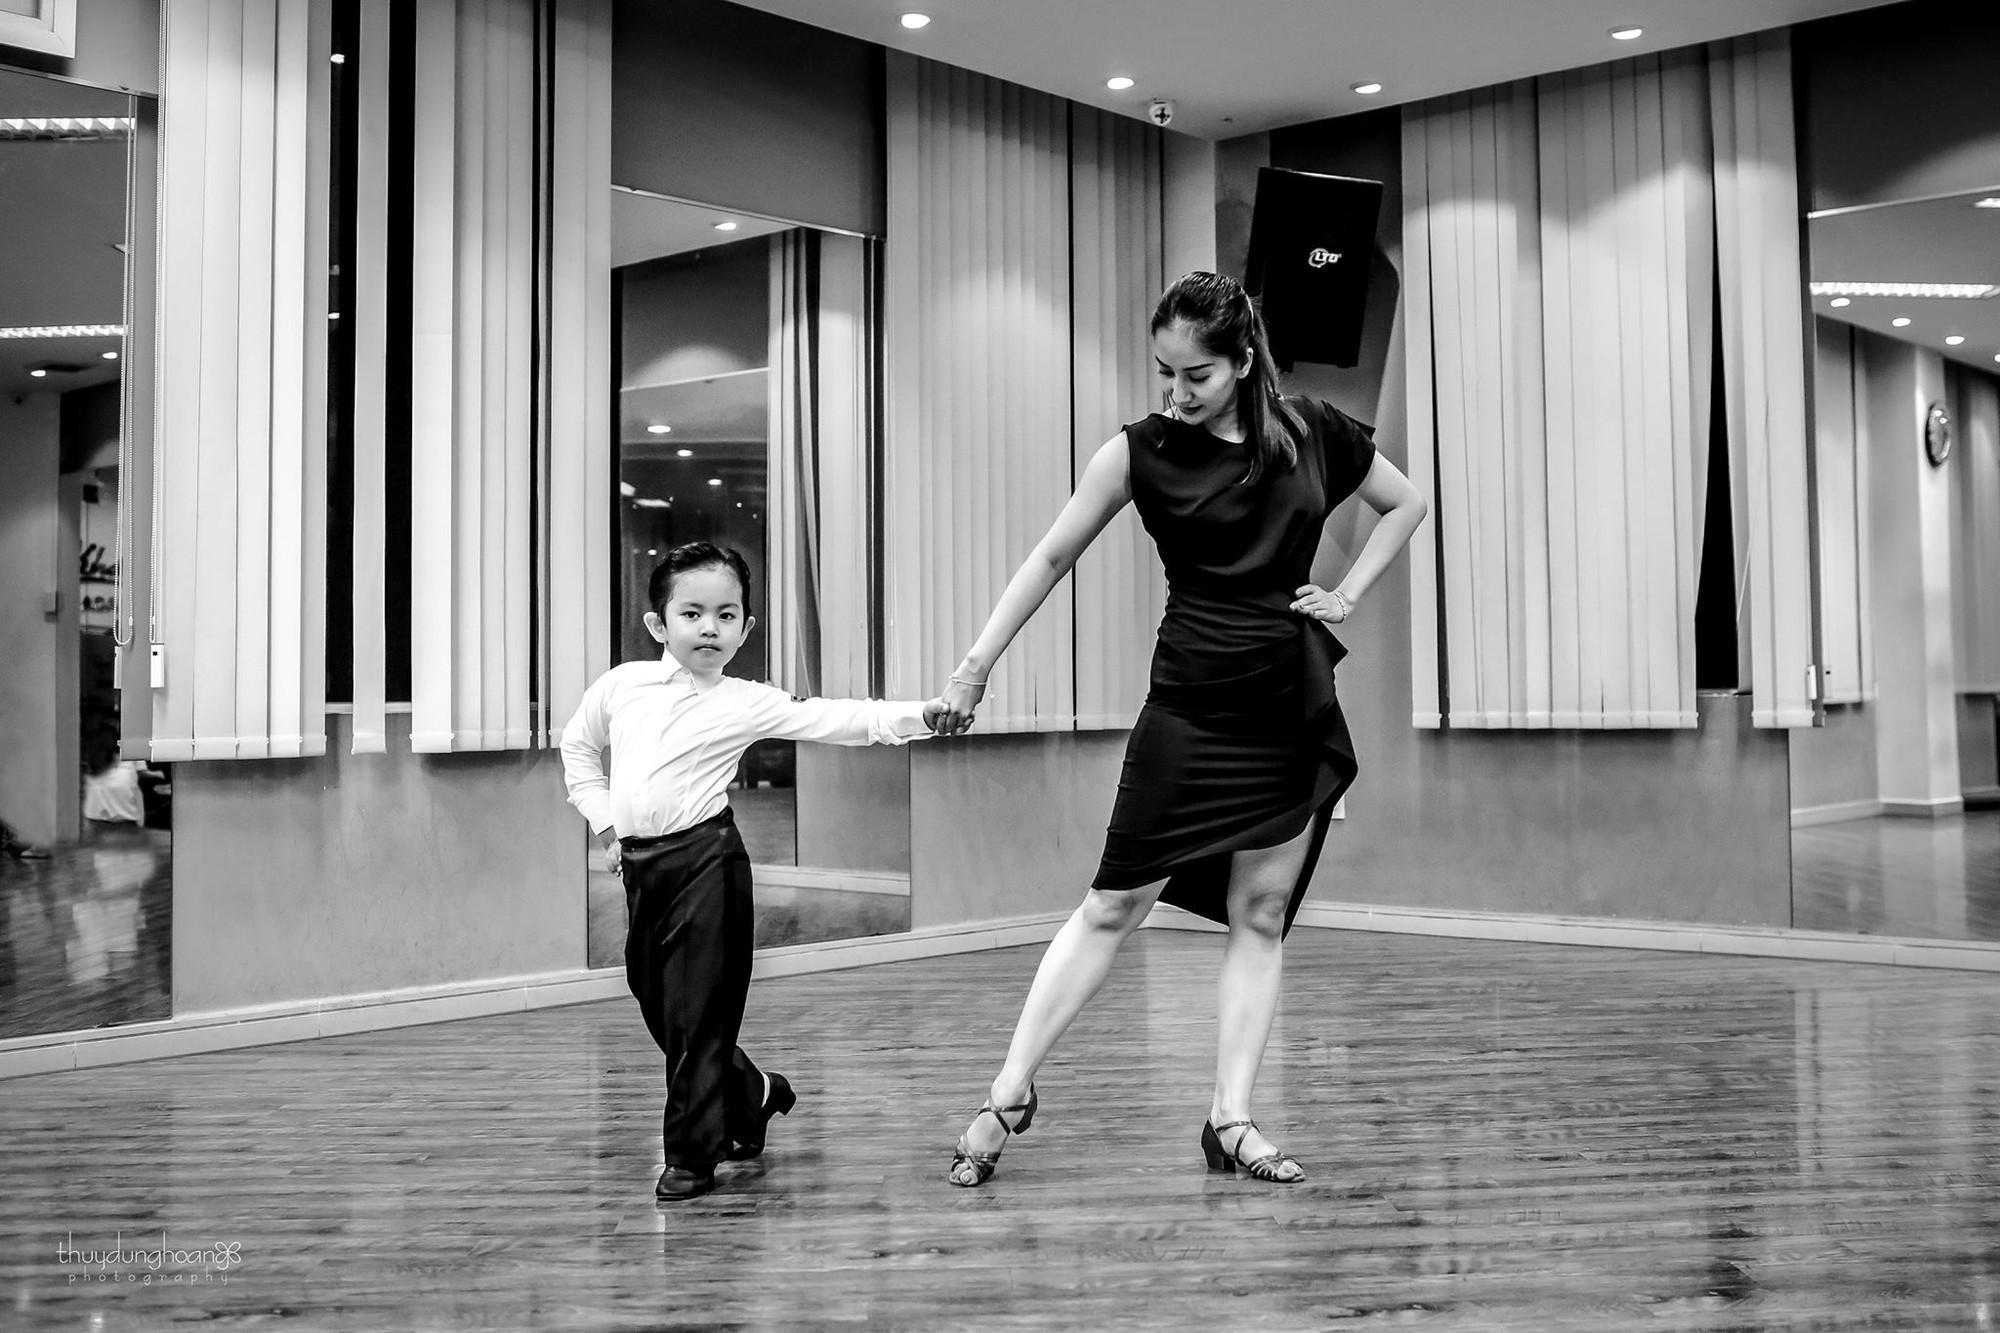 Không chỉ nhảy giỏi, con trai nhà Khánh Thi khiến bao người tan chảy bởi loạt biểu cảm chuẩn soái ca nhí - Ảnh 5.